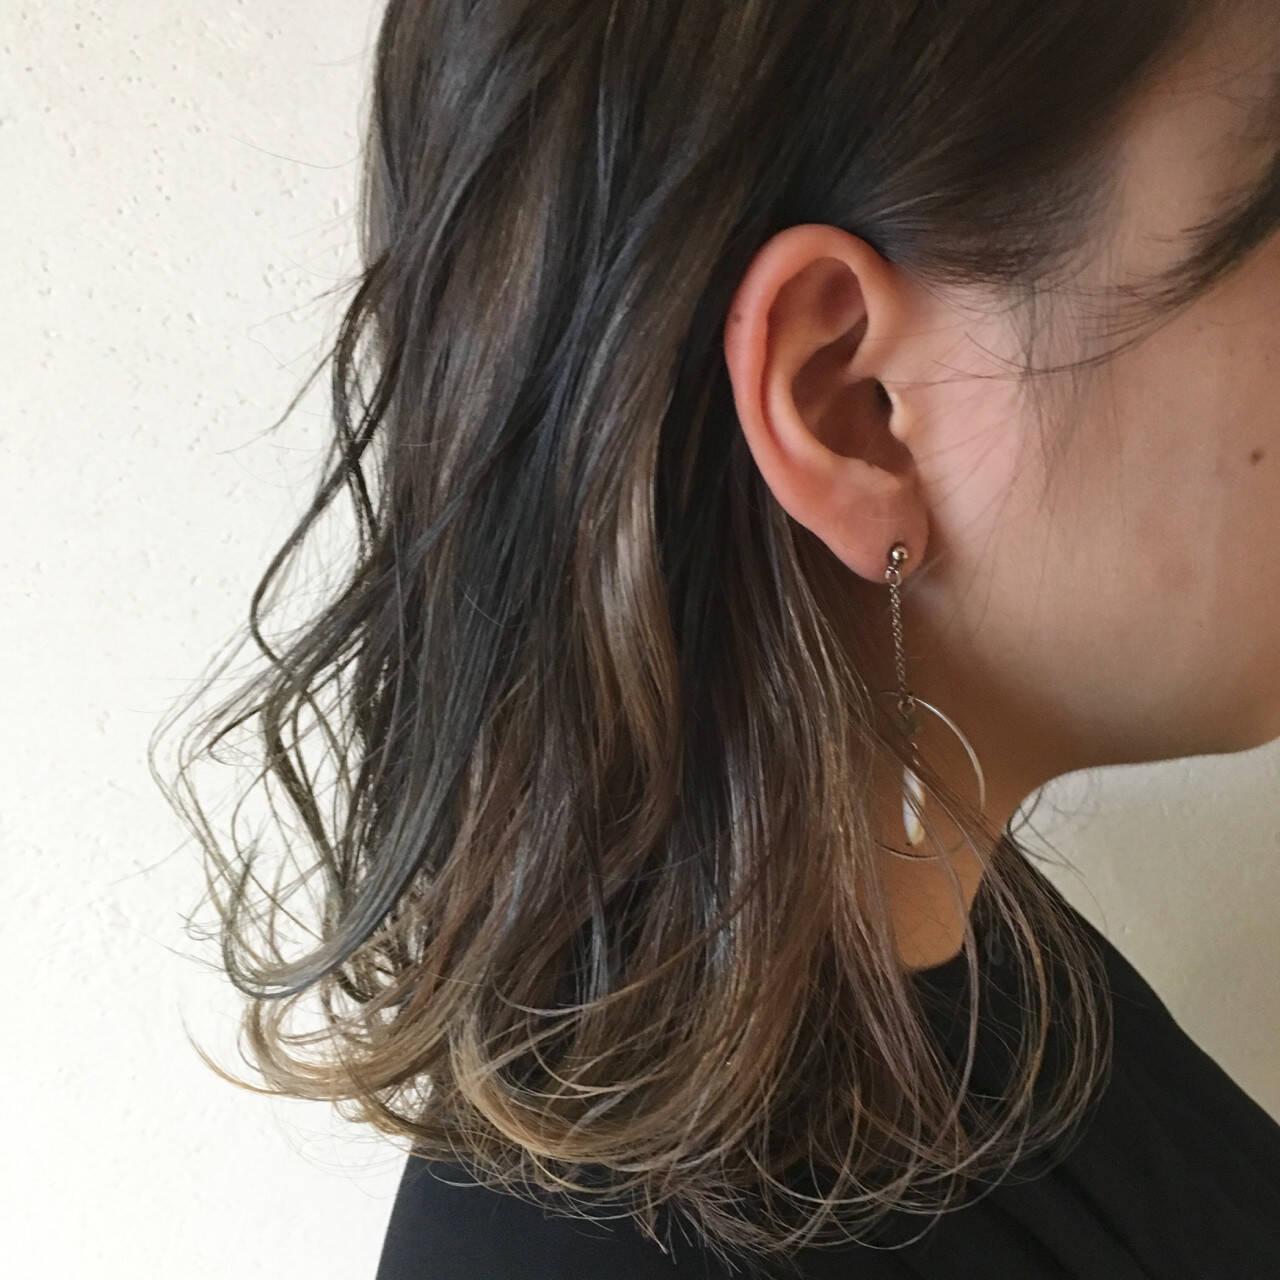 ミディアム ストリート 外国人風カラー インナーカラーヘアスタイルや髪型の写真・画像